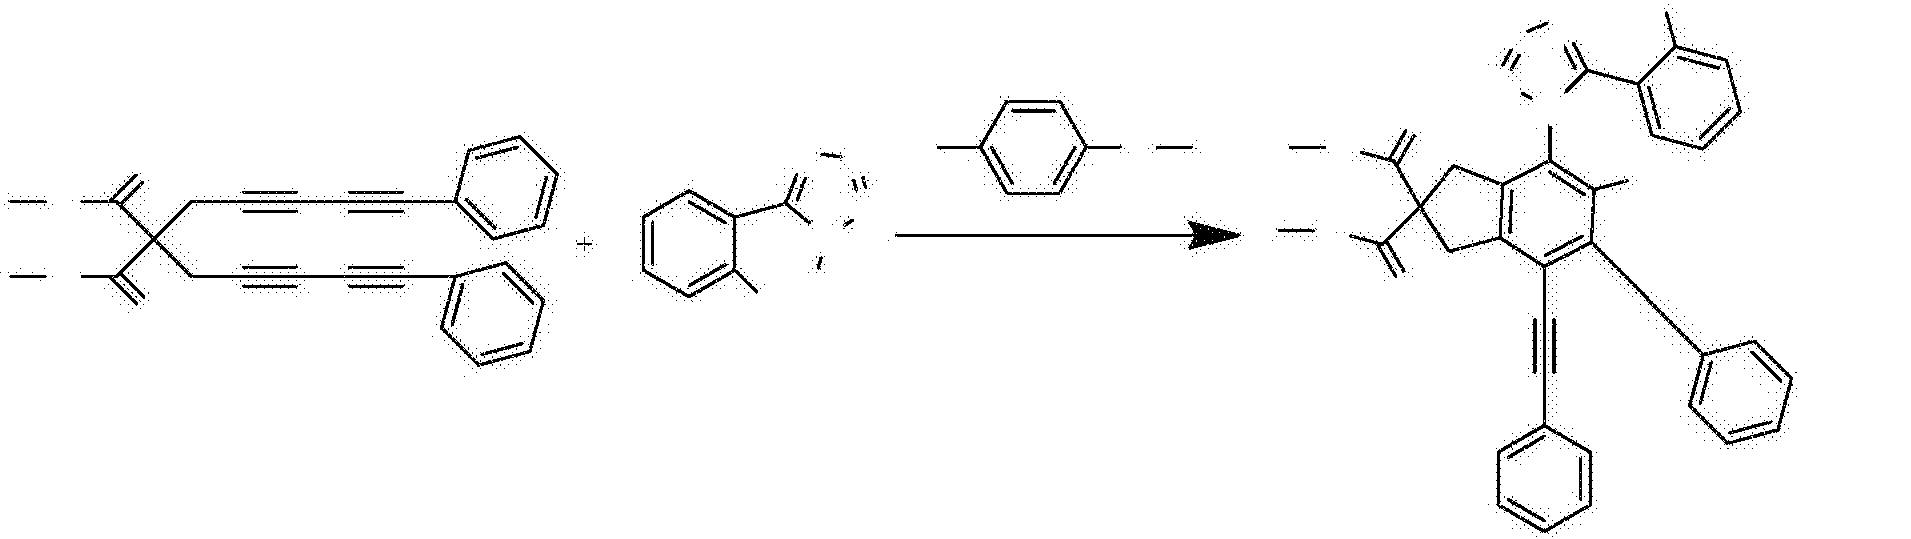 Figure CN104447599BD00062